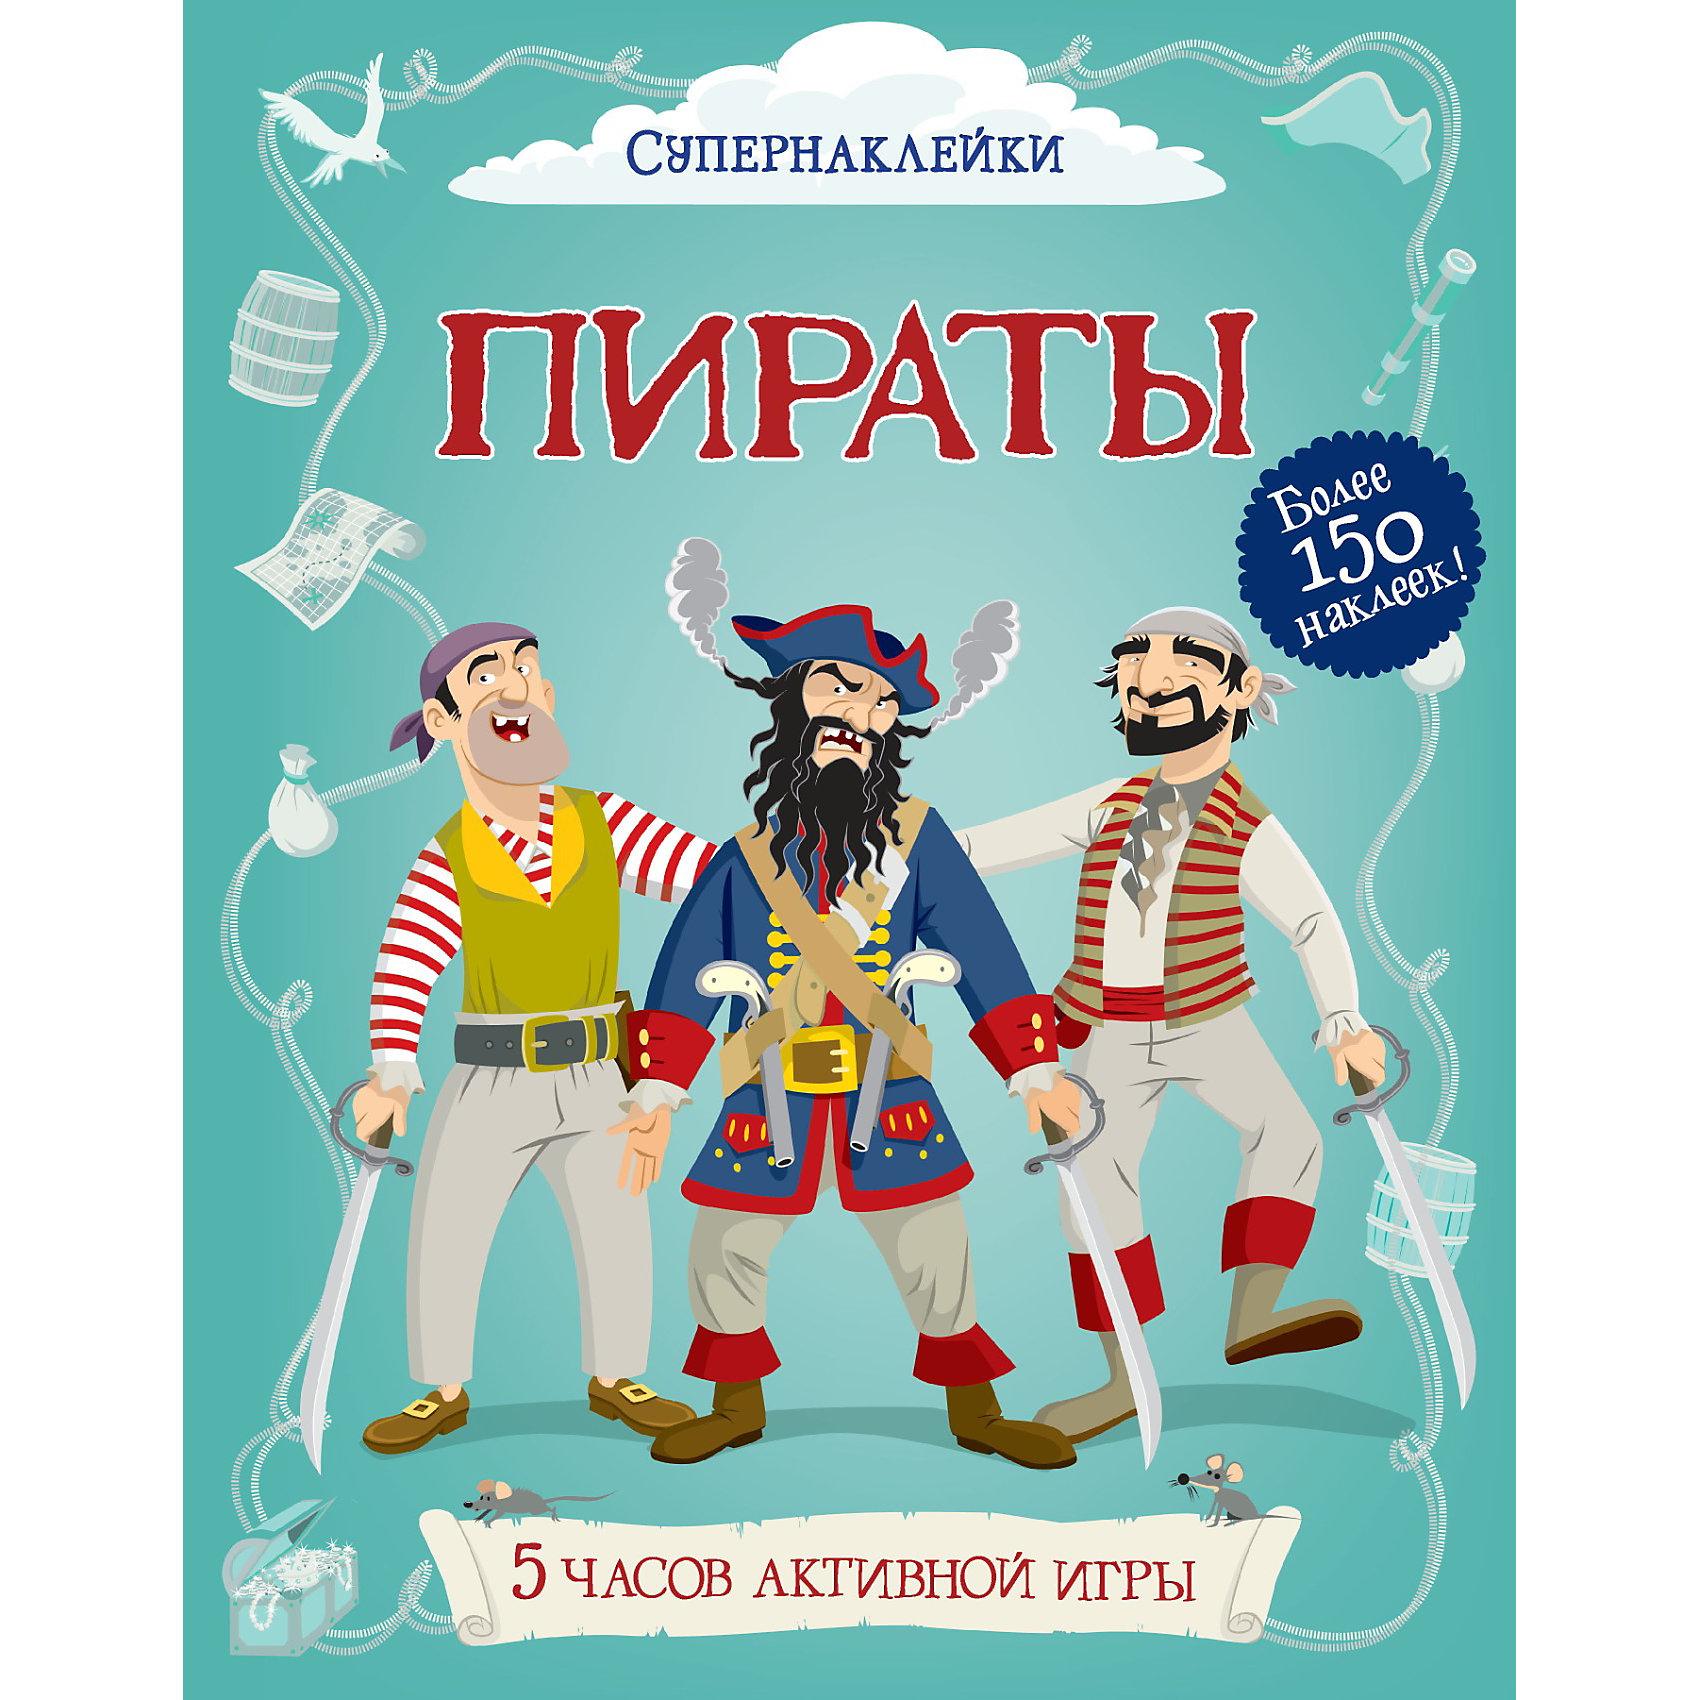 Пираты, МахаонКнижки с наклейками<br>Книга с наклейками Пираты от издательства Махаонстанет приятным сюрпризом для Вашего ребенка. В этой книге он встретится с бесстрашными викингами, побывает на<br>пиратской вечеринке, заглянет на корабельную кухню, а ещё узнает, почему идёт дым из ушей капитана Чёрная Борода. Помимо прочего, он познакомитесь с берберскими и <br>китайскими пиратами, а также с пиратами с острова Борнео. Ребенку предстоит одеть пиратскую команду с помощью ярких наклеек. Игра развивает внимание, воображение,<br>мелкую моторику и художественный вкус.<br><br>Дополнительная информация:<br><br>- Автор: Стауэлл Луи, Дэвис Кейт.<br>- Художник: Диаз Диего.<br>- Серия: Супернаклейки.<br>- Переплет: мягкая обложка.<br>- Иллюстрации: цветные + наклейки.<br>- Объем: 24 стр.<br>- Размер: 30,5 x 24 x 0,4 см.<br>- Вес: 0,282 кг. <br><br>Книгу с наклейками Пираты от Махаон можно купить в нашем интернет-магазине.<br><br>Ширина мм: 175<br>Глубина мм: 245<br>Высота мм: 7<br>Вес г: 298<br>Возраст от месяцев: 72<br>Возраст до месяцев: 132<br>Пол: Мужской<br>Возраст: Детский<br>SKU: 3539920